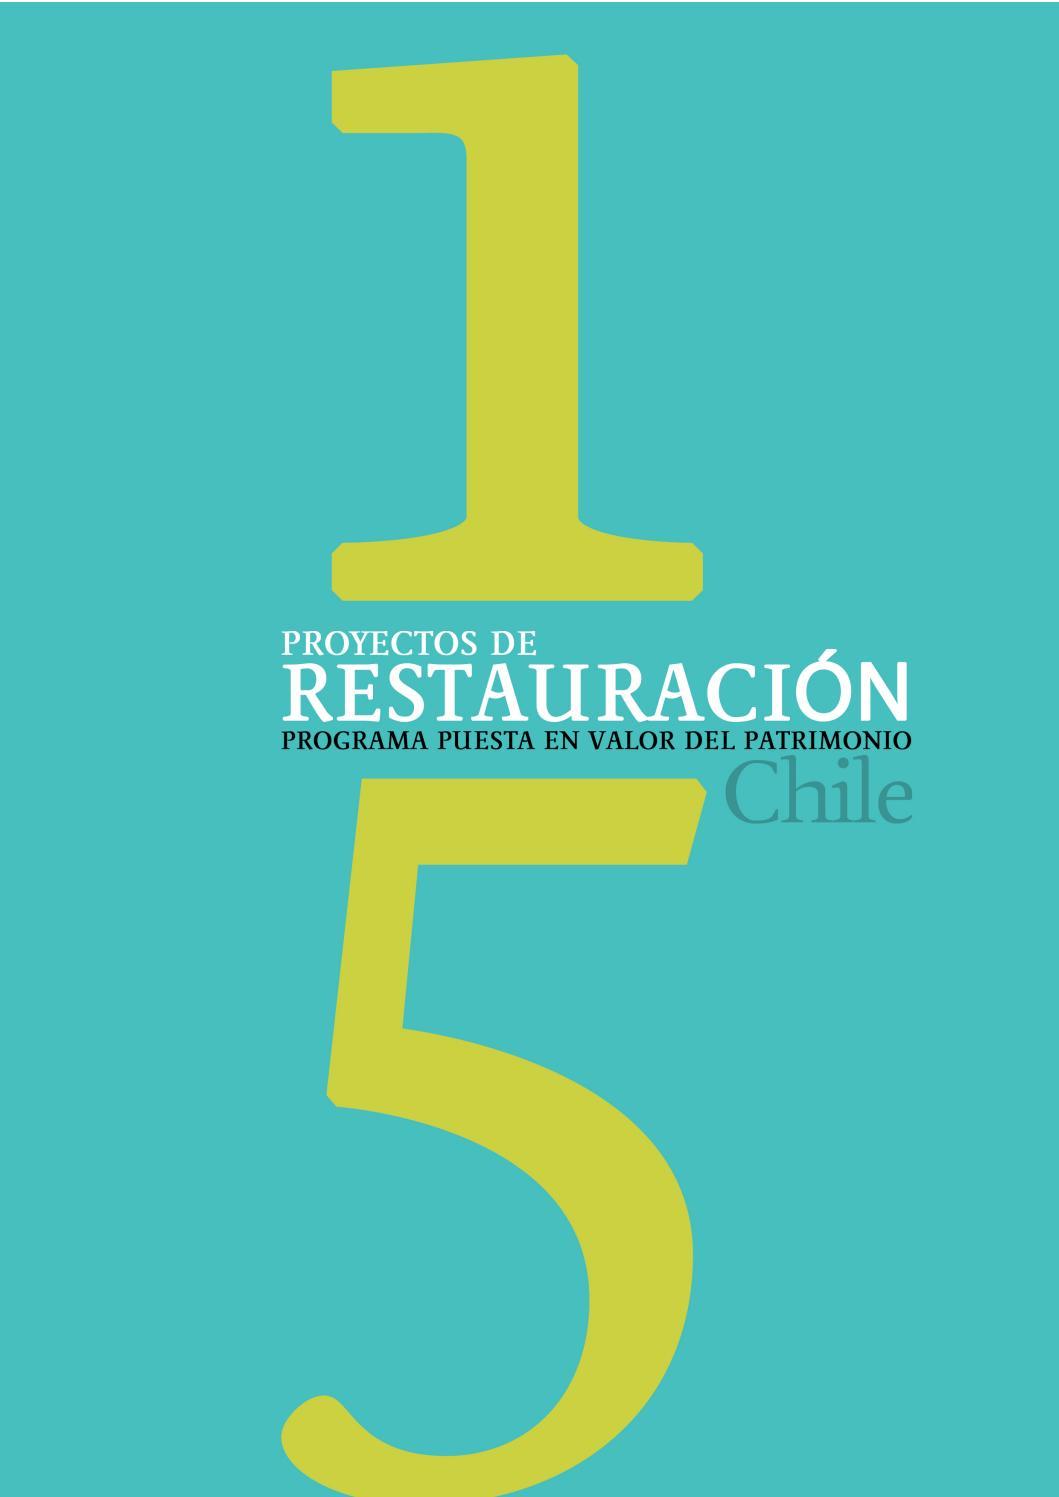 007ee691d 15 Proyectos de Restauración - Programa Puesta en Valor del Patrimonio  (2012) by mop_chile - issuu